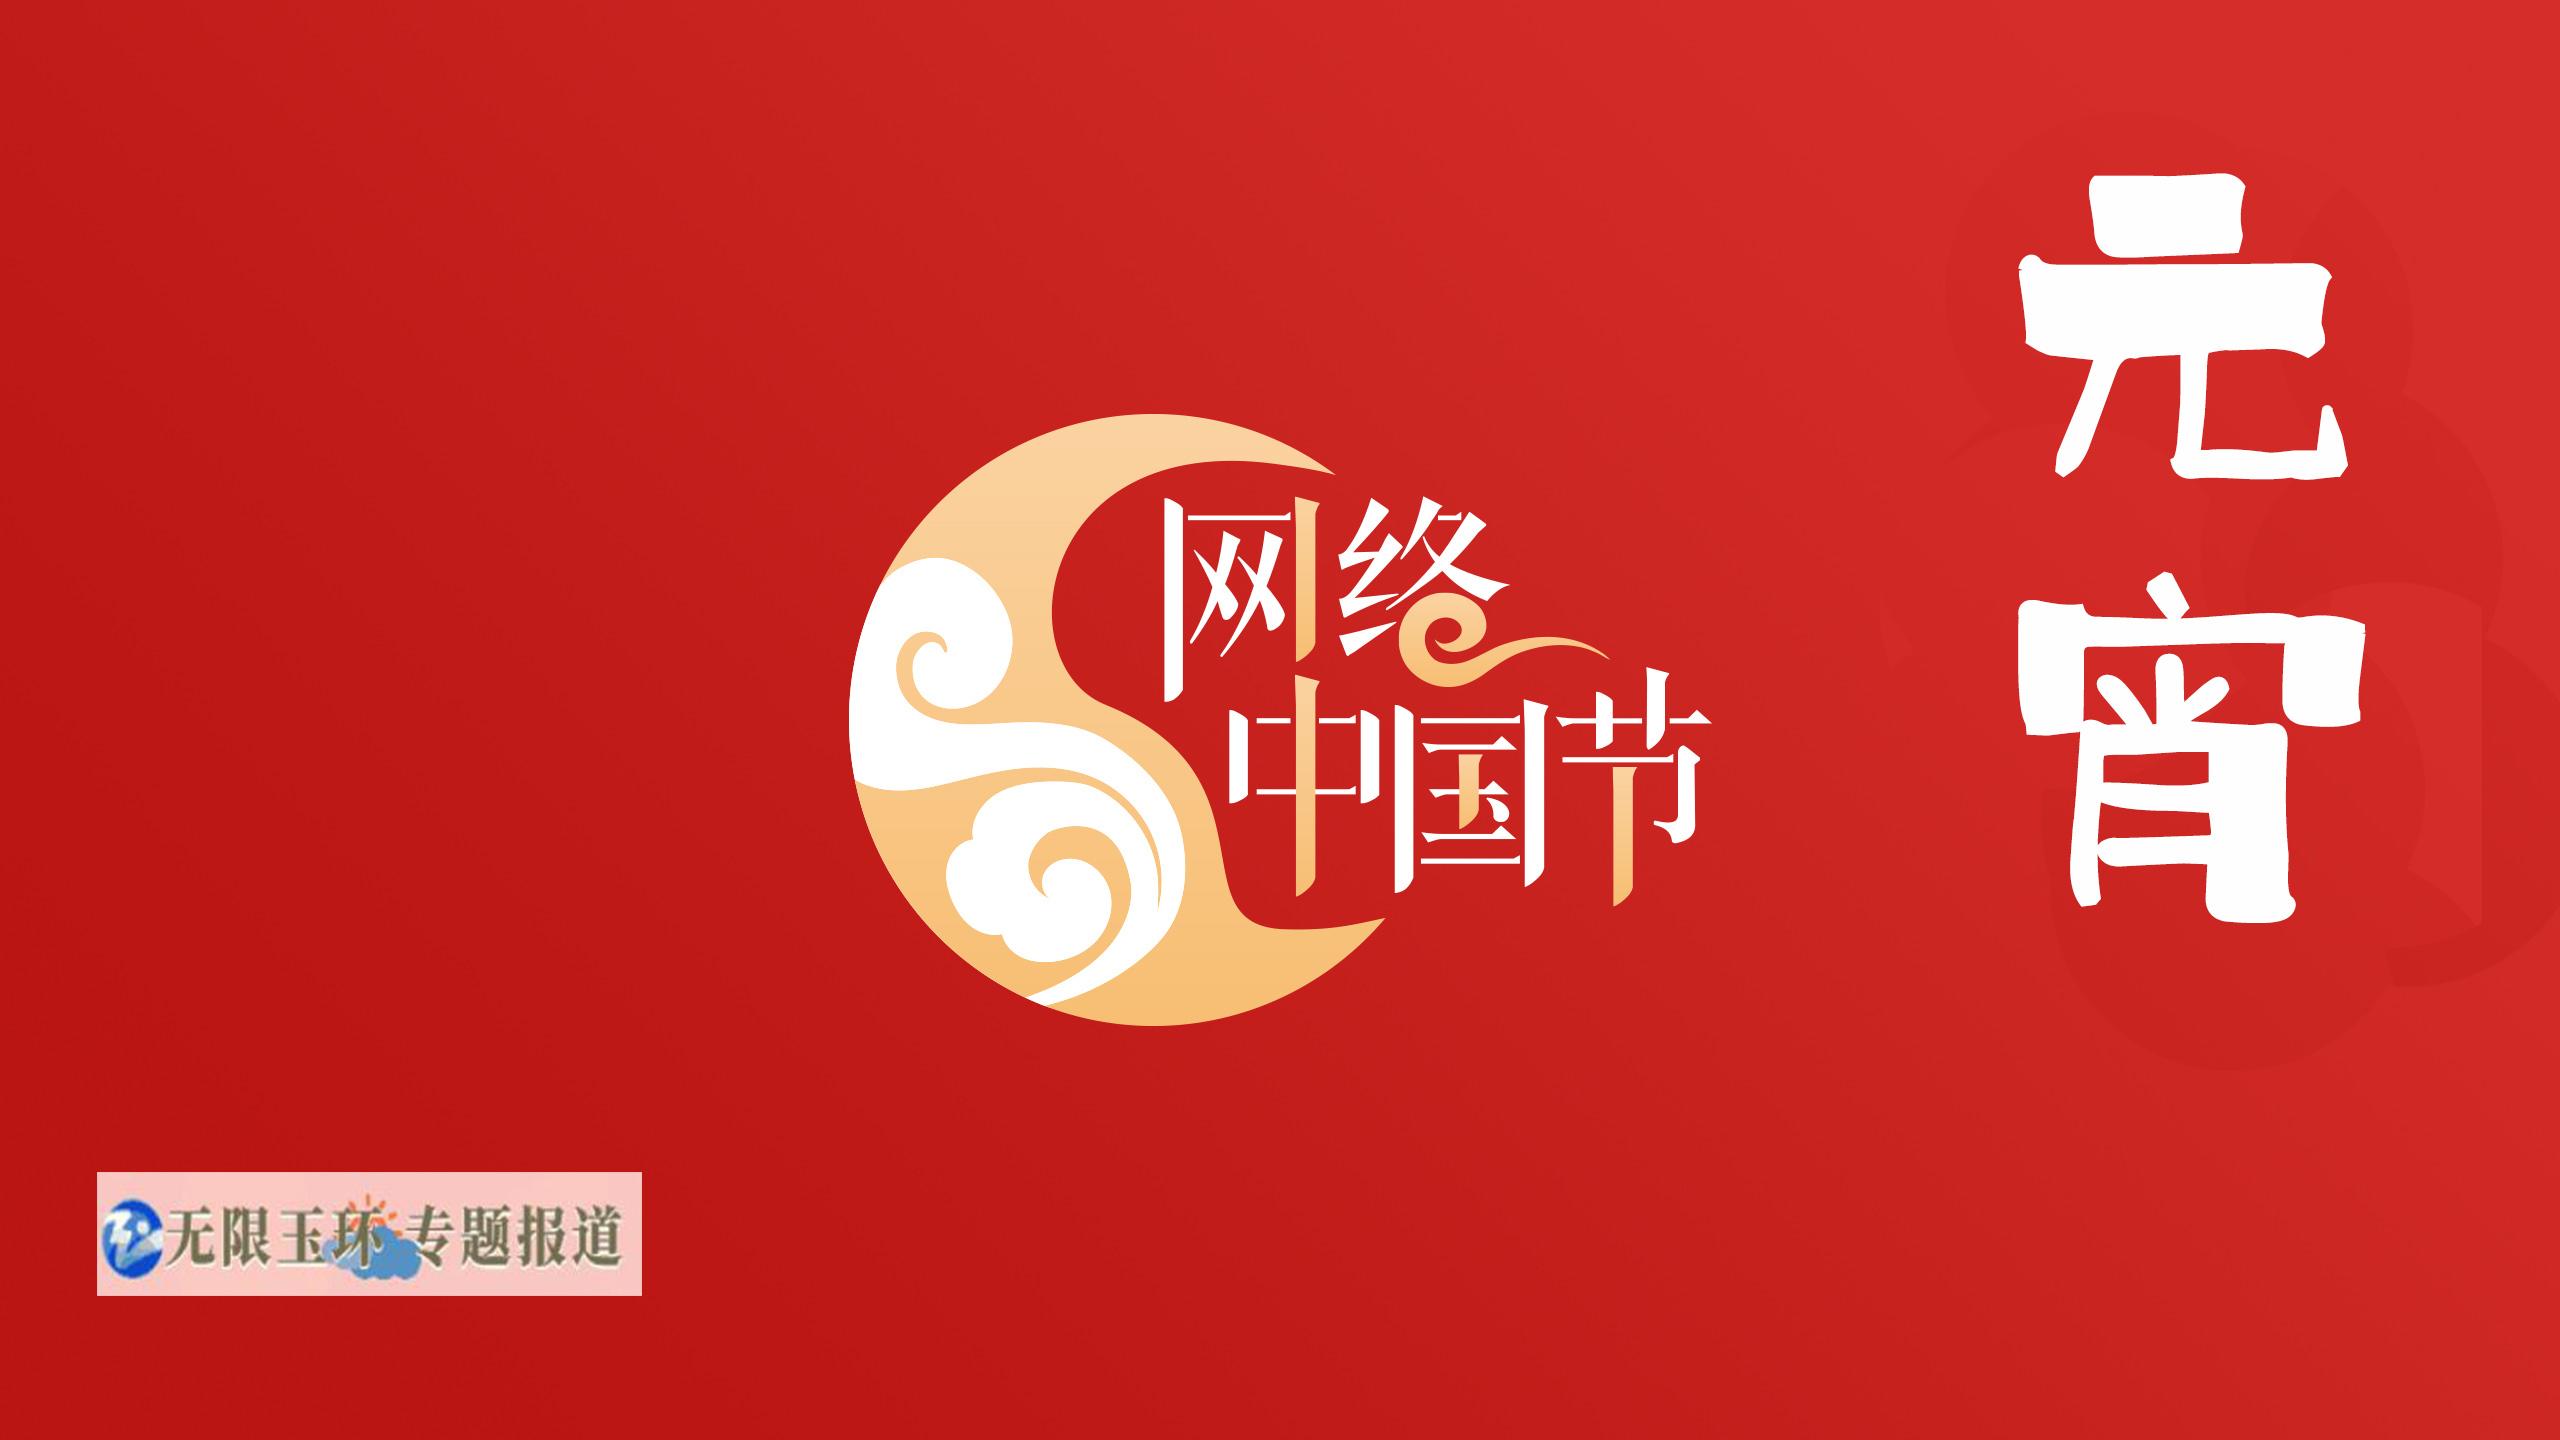 网络中国节・元宵